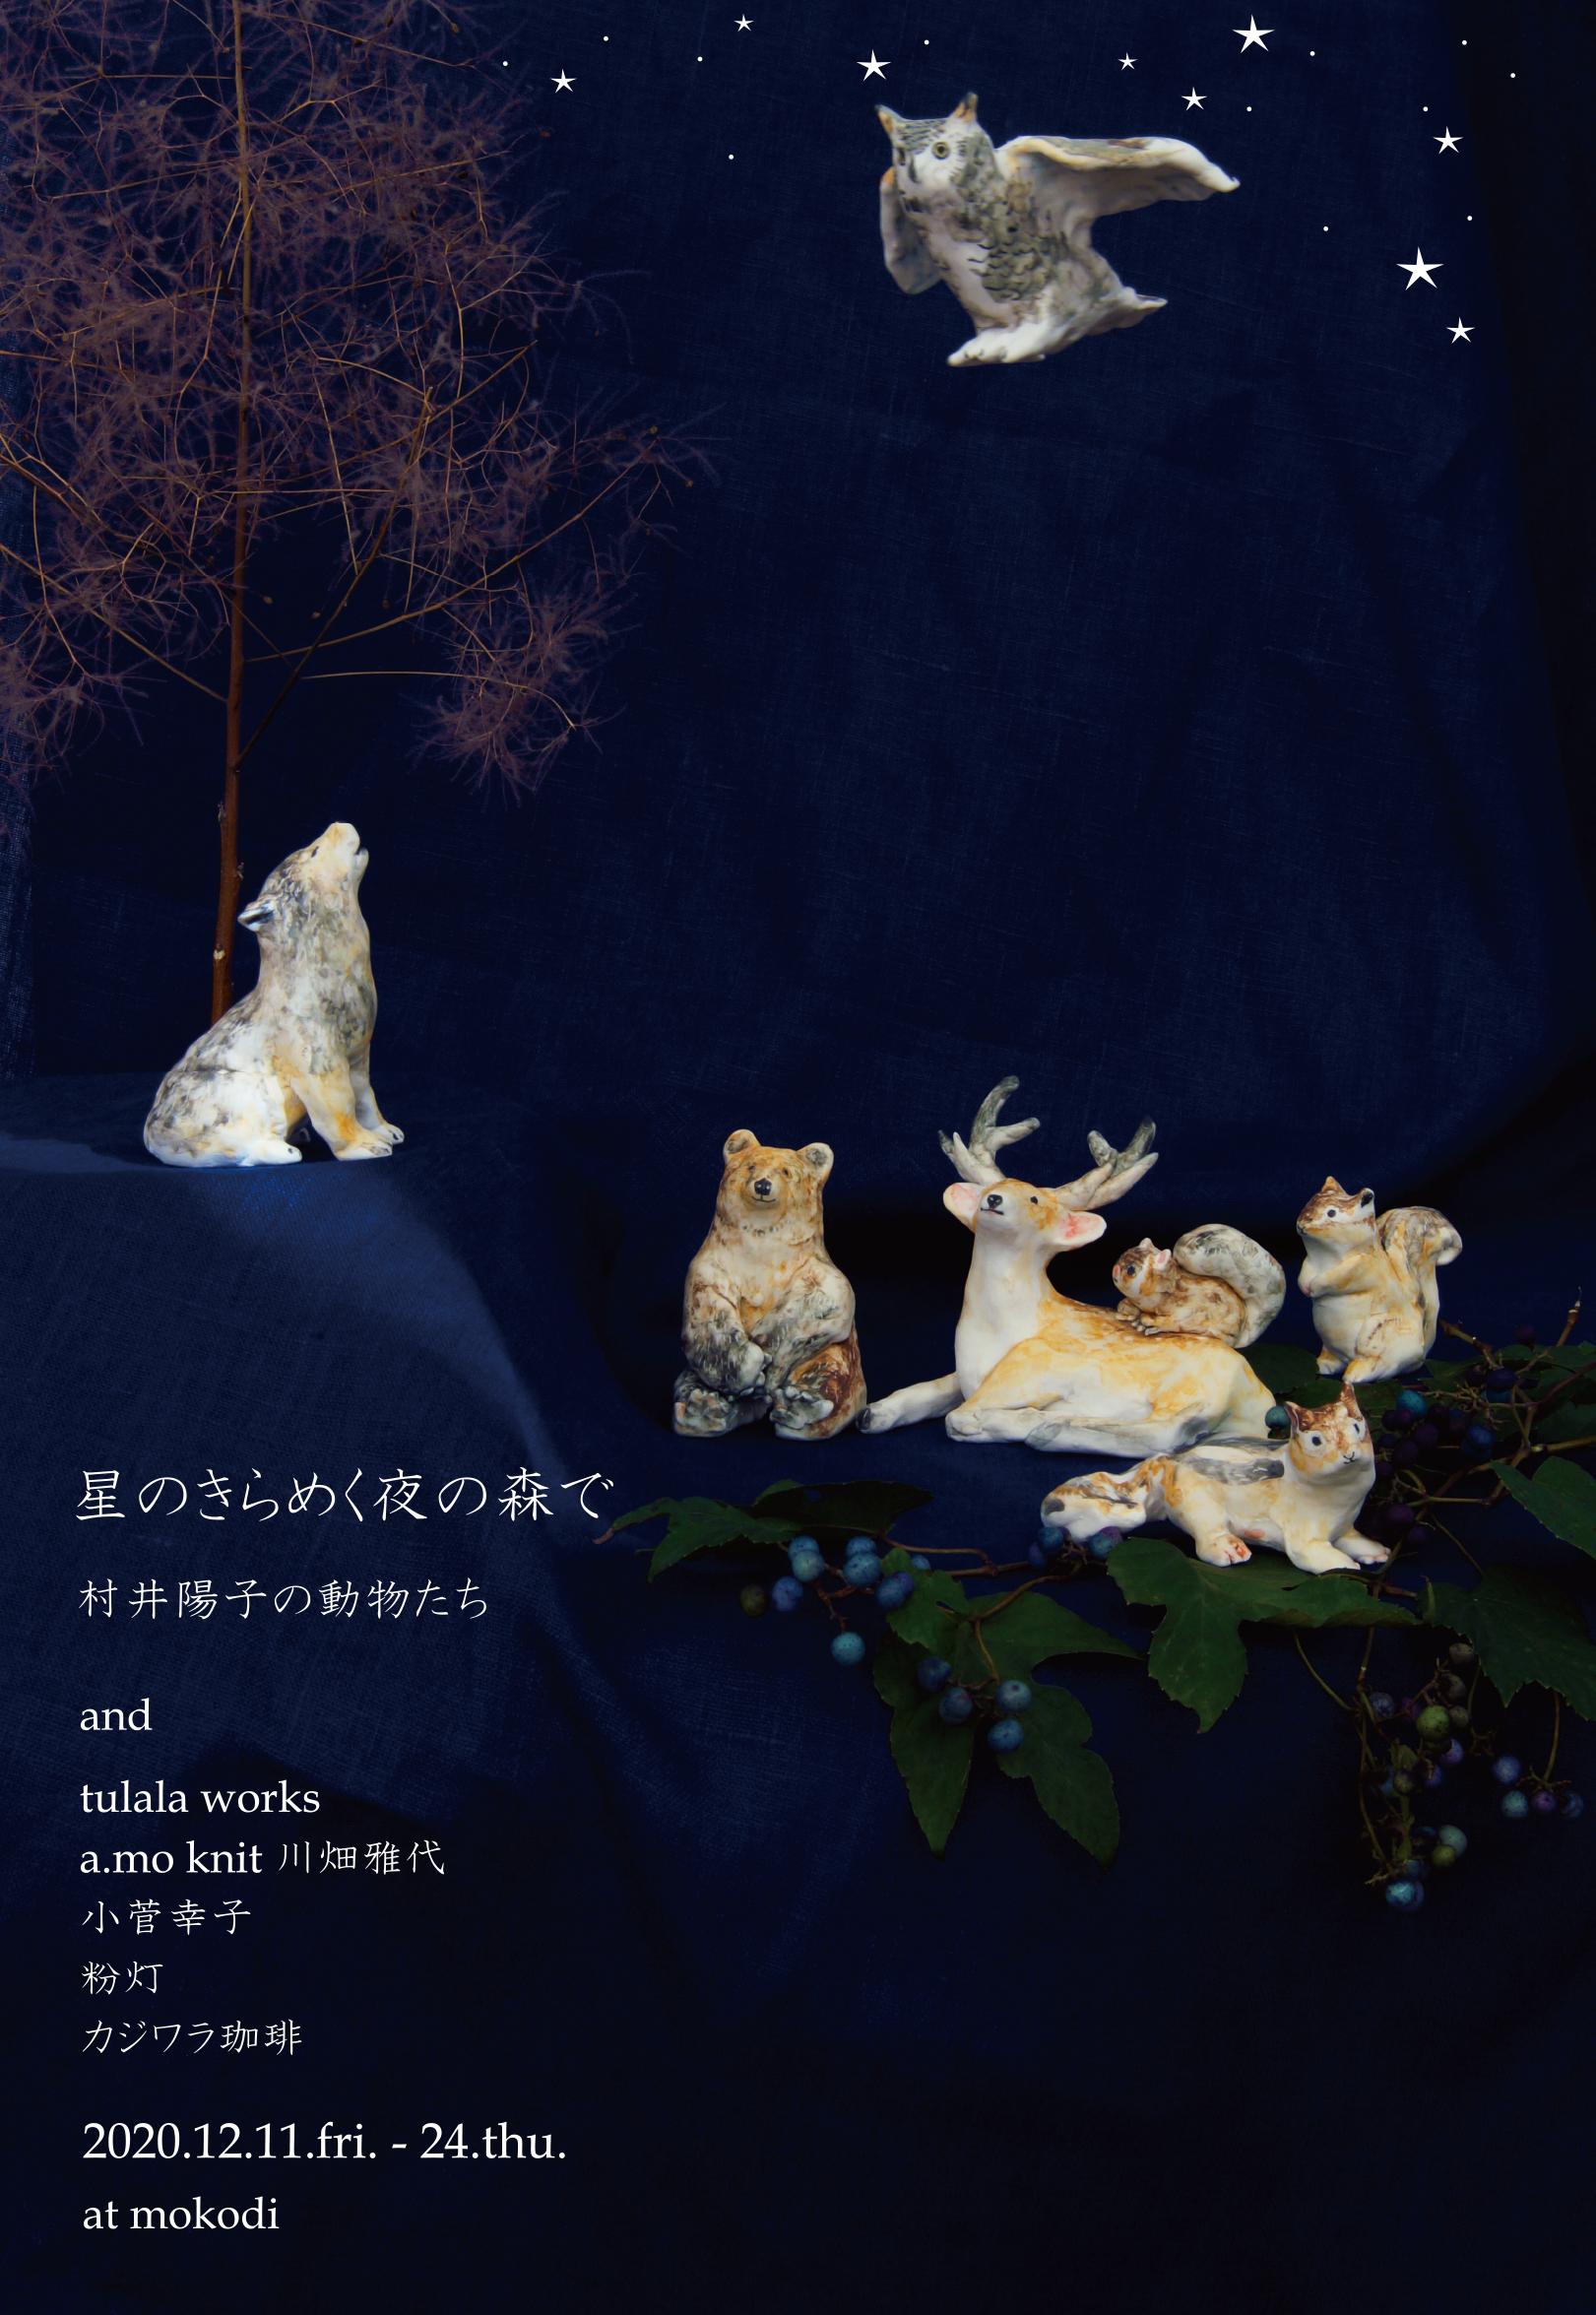 星のきらめく夜の森で ~村井陽子の動物たち~ 2020.12.11~